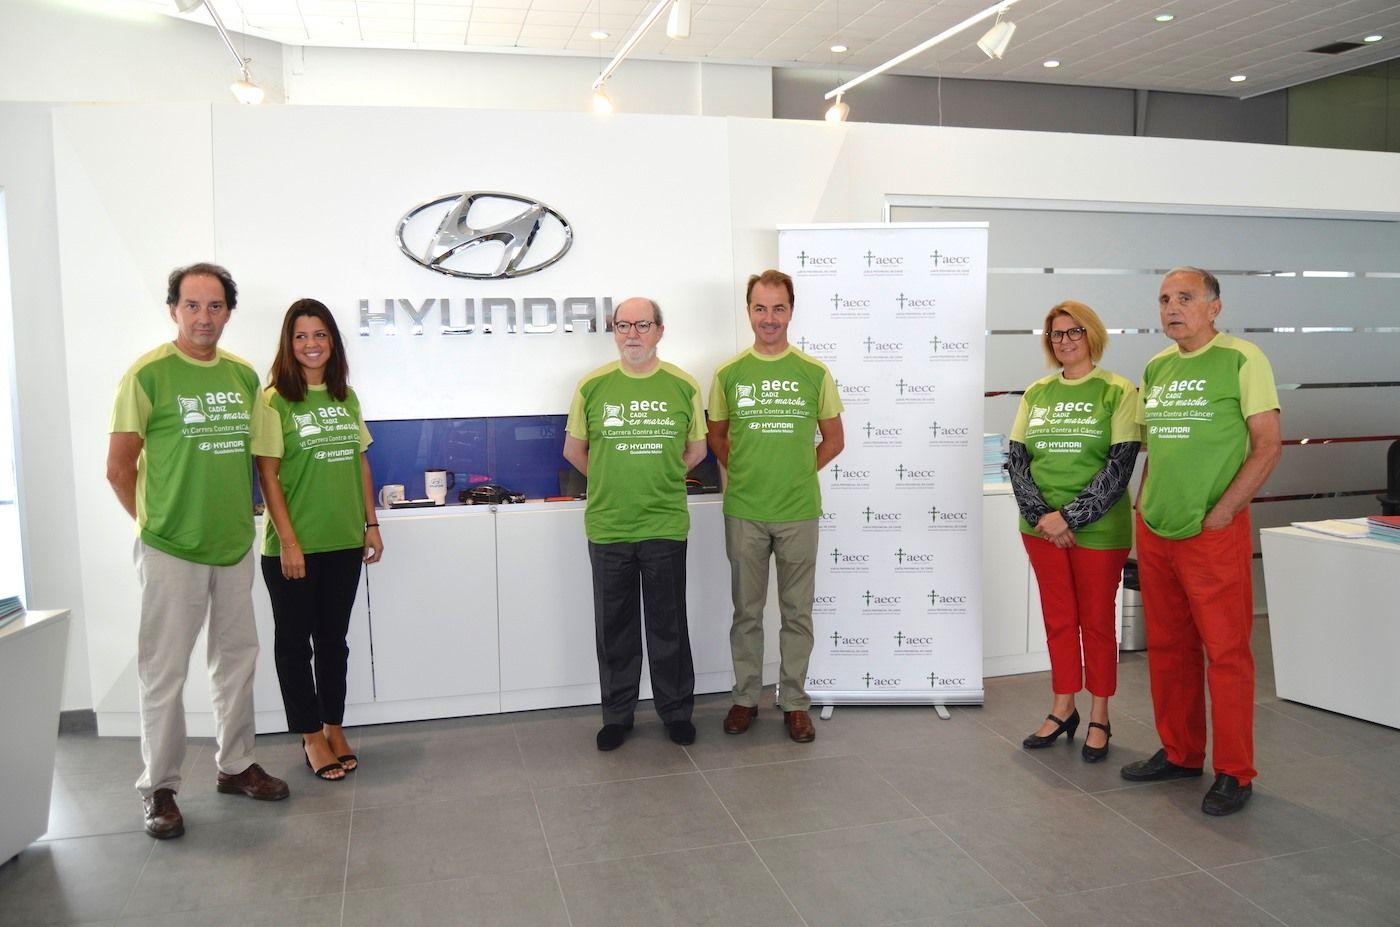 Guadalete Motor colabora en la VI edición de la Carrera contra el Cáncer en Cádiz